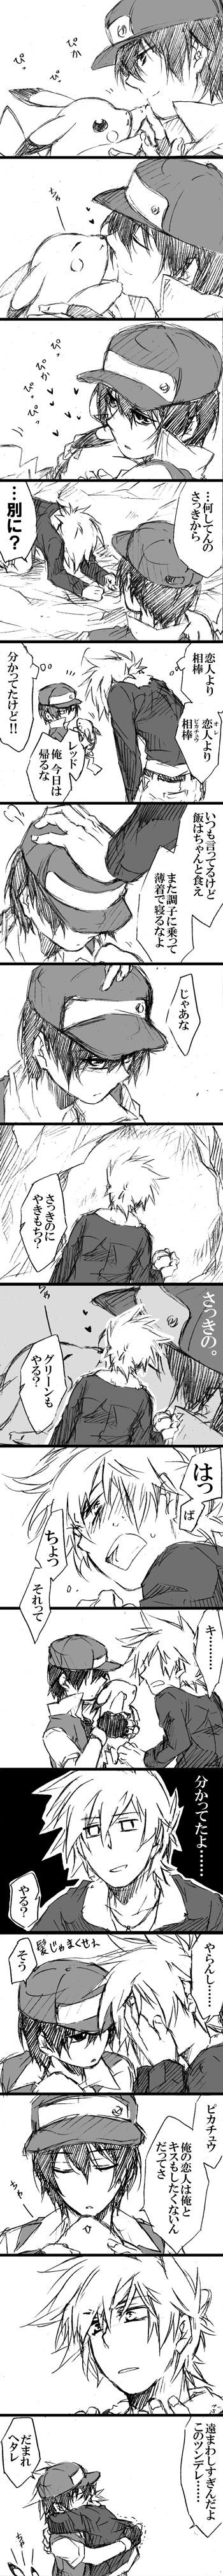 Tags: Anime, Takagi Kick, Pokémon Red & Green, Pokémon, Green (Pokémon), Red (Pokémon), Pikachu, Nose Touching, Pixiv, Translated, Comic, ReGre